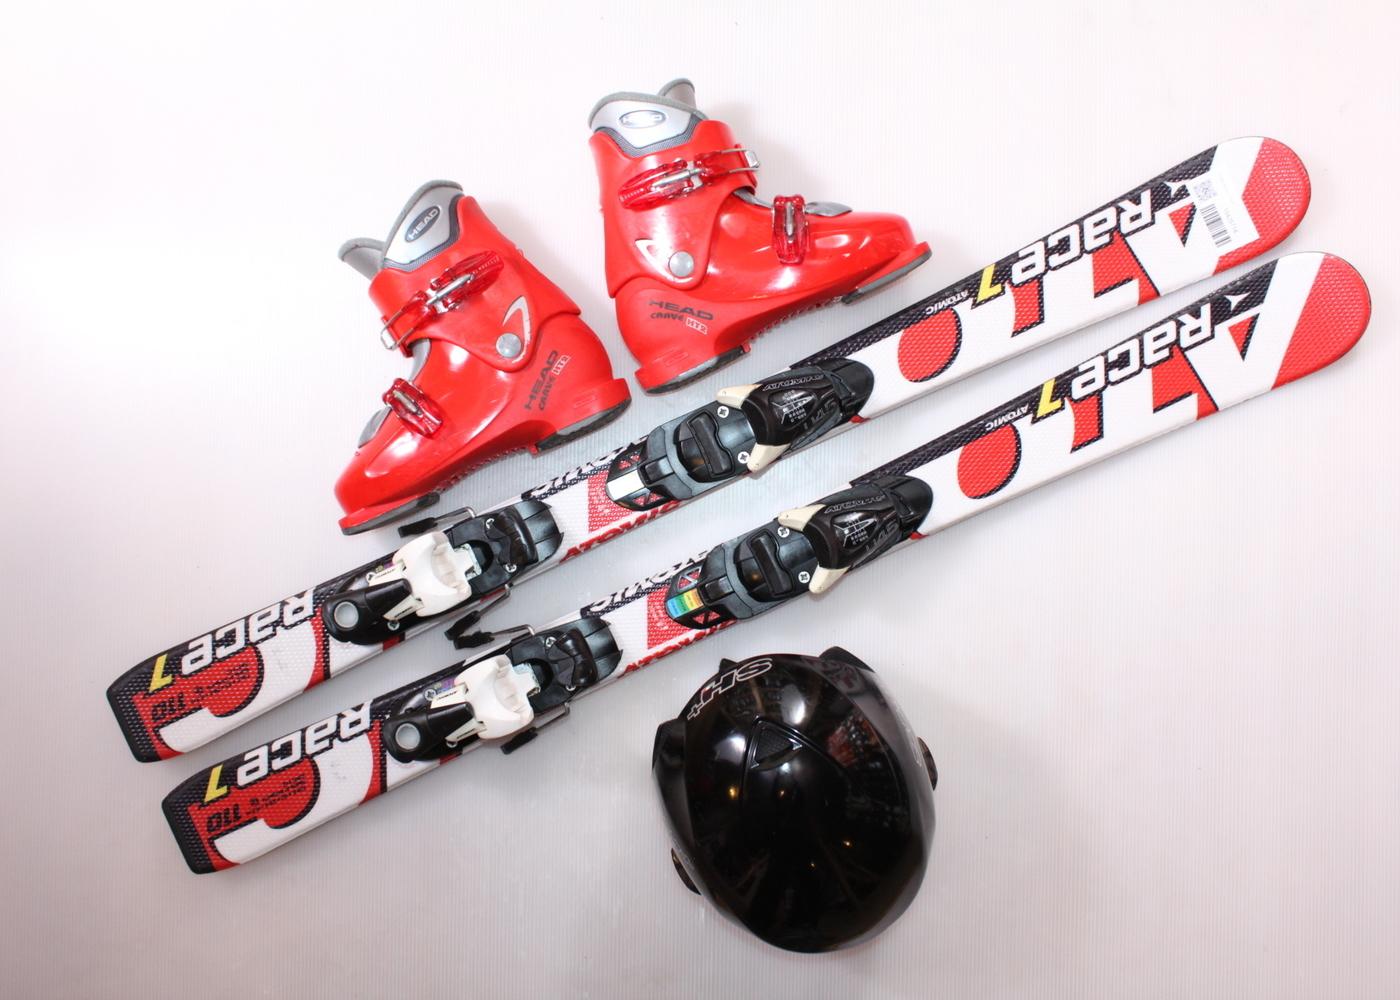 Dětské lyže ATOMIC RACE 7 110 cm + lyžáky  34EU + helma